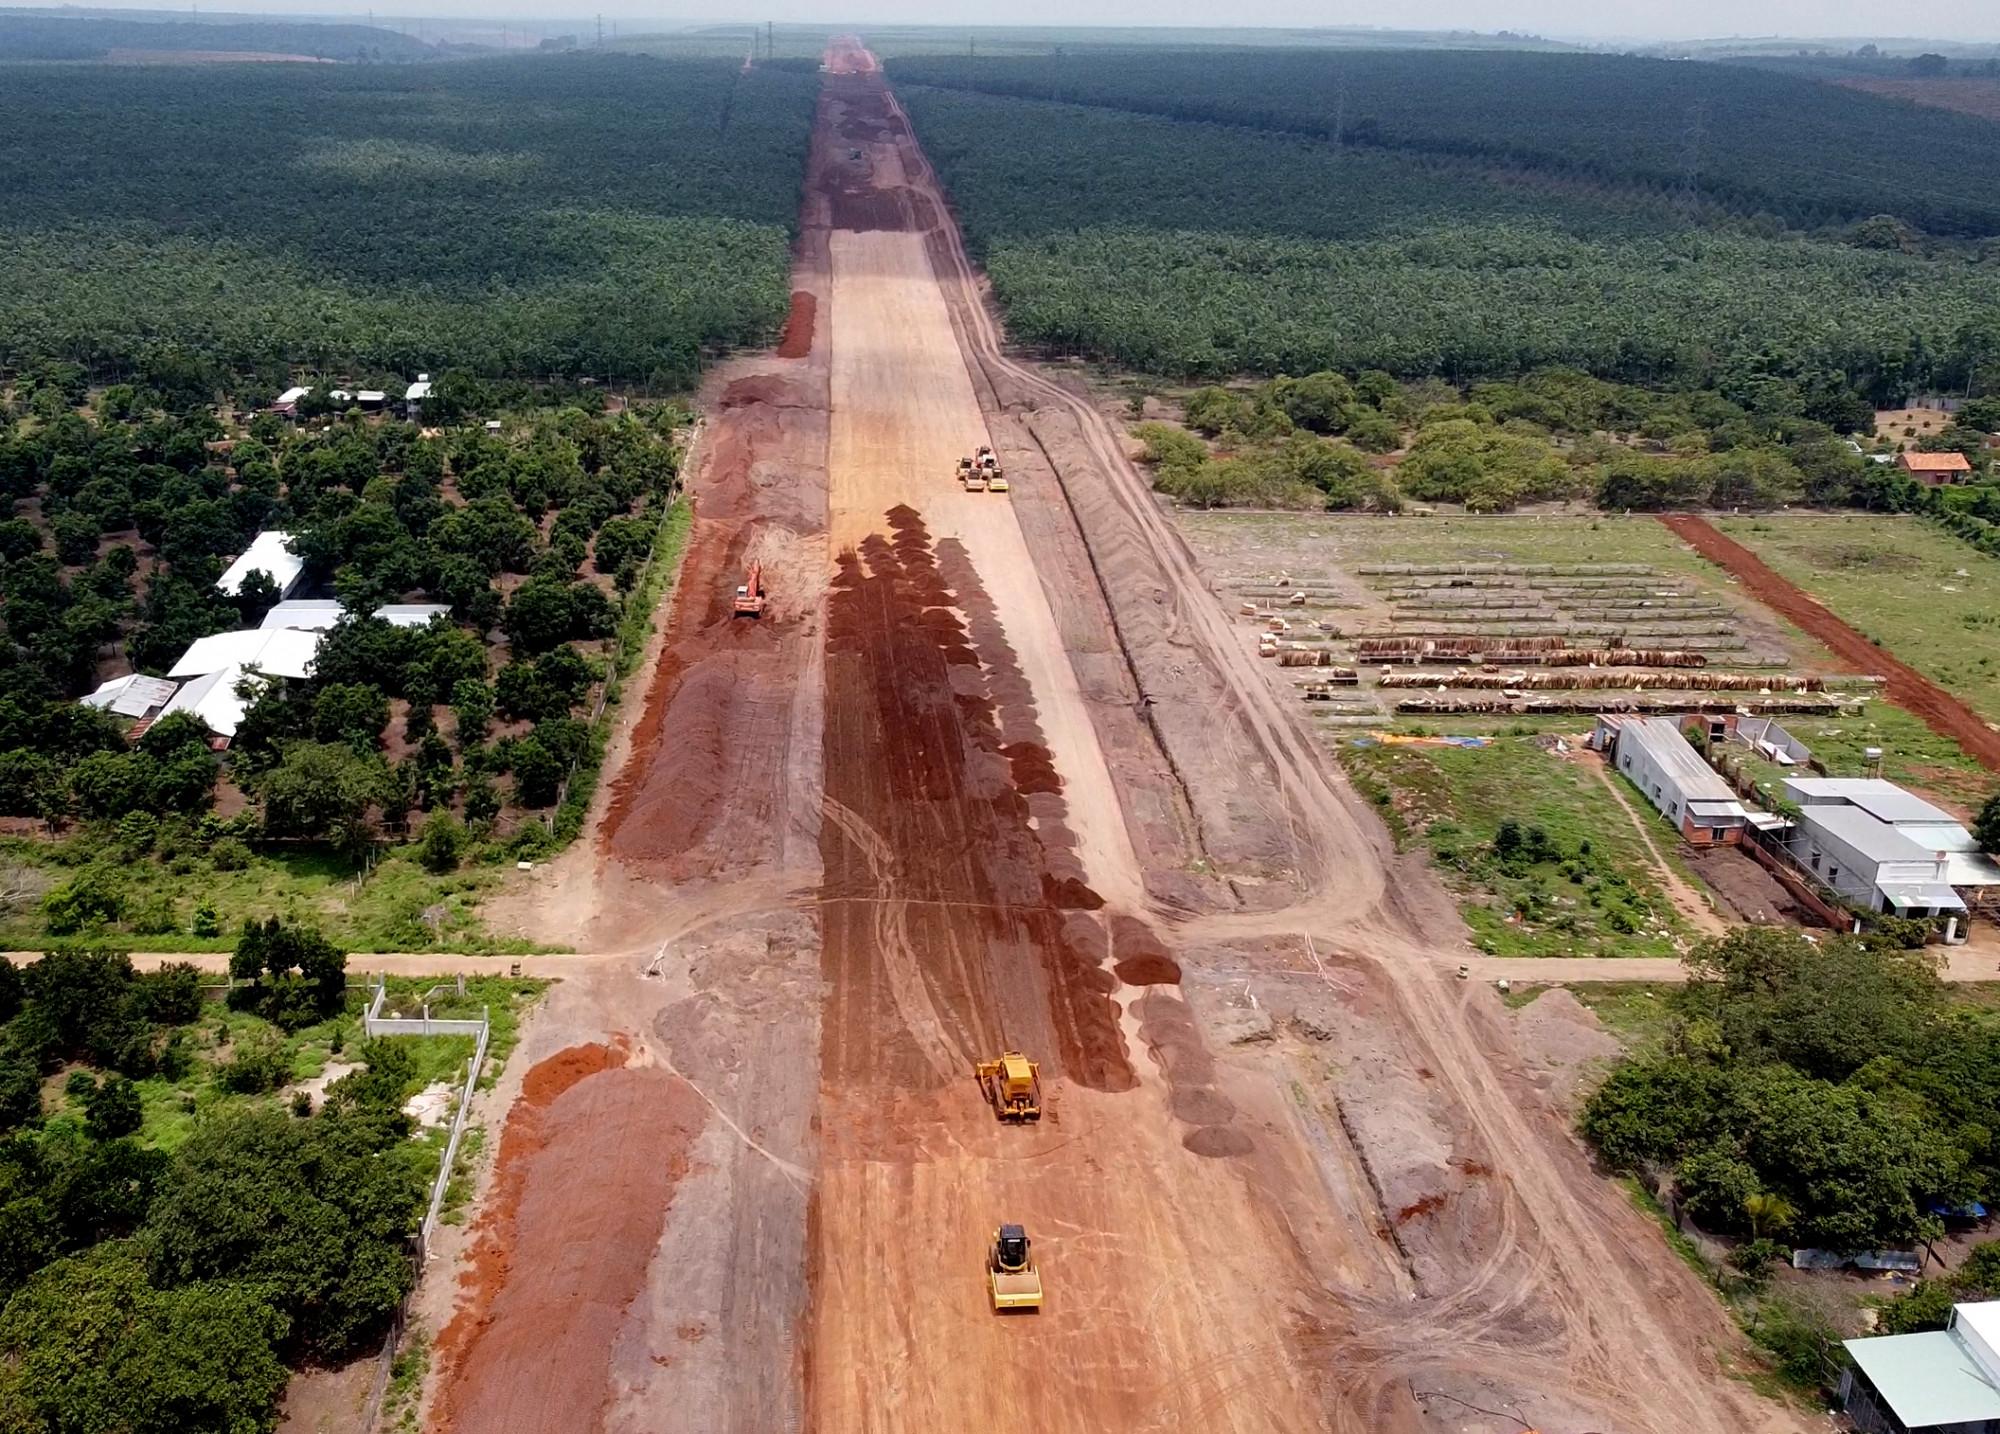 Nhiều tỉnh thành có cao tốc Bắc - Nam đi qua đều gặp khó khăn khi thiếu vật liệu đắp nền đường. Ảnh: Trường Nguyên